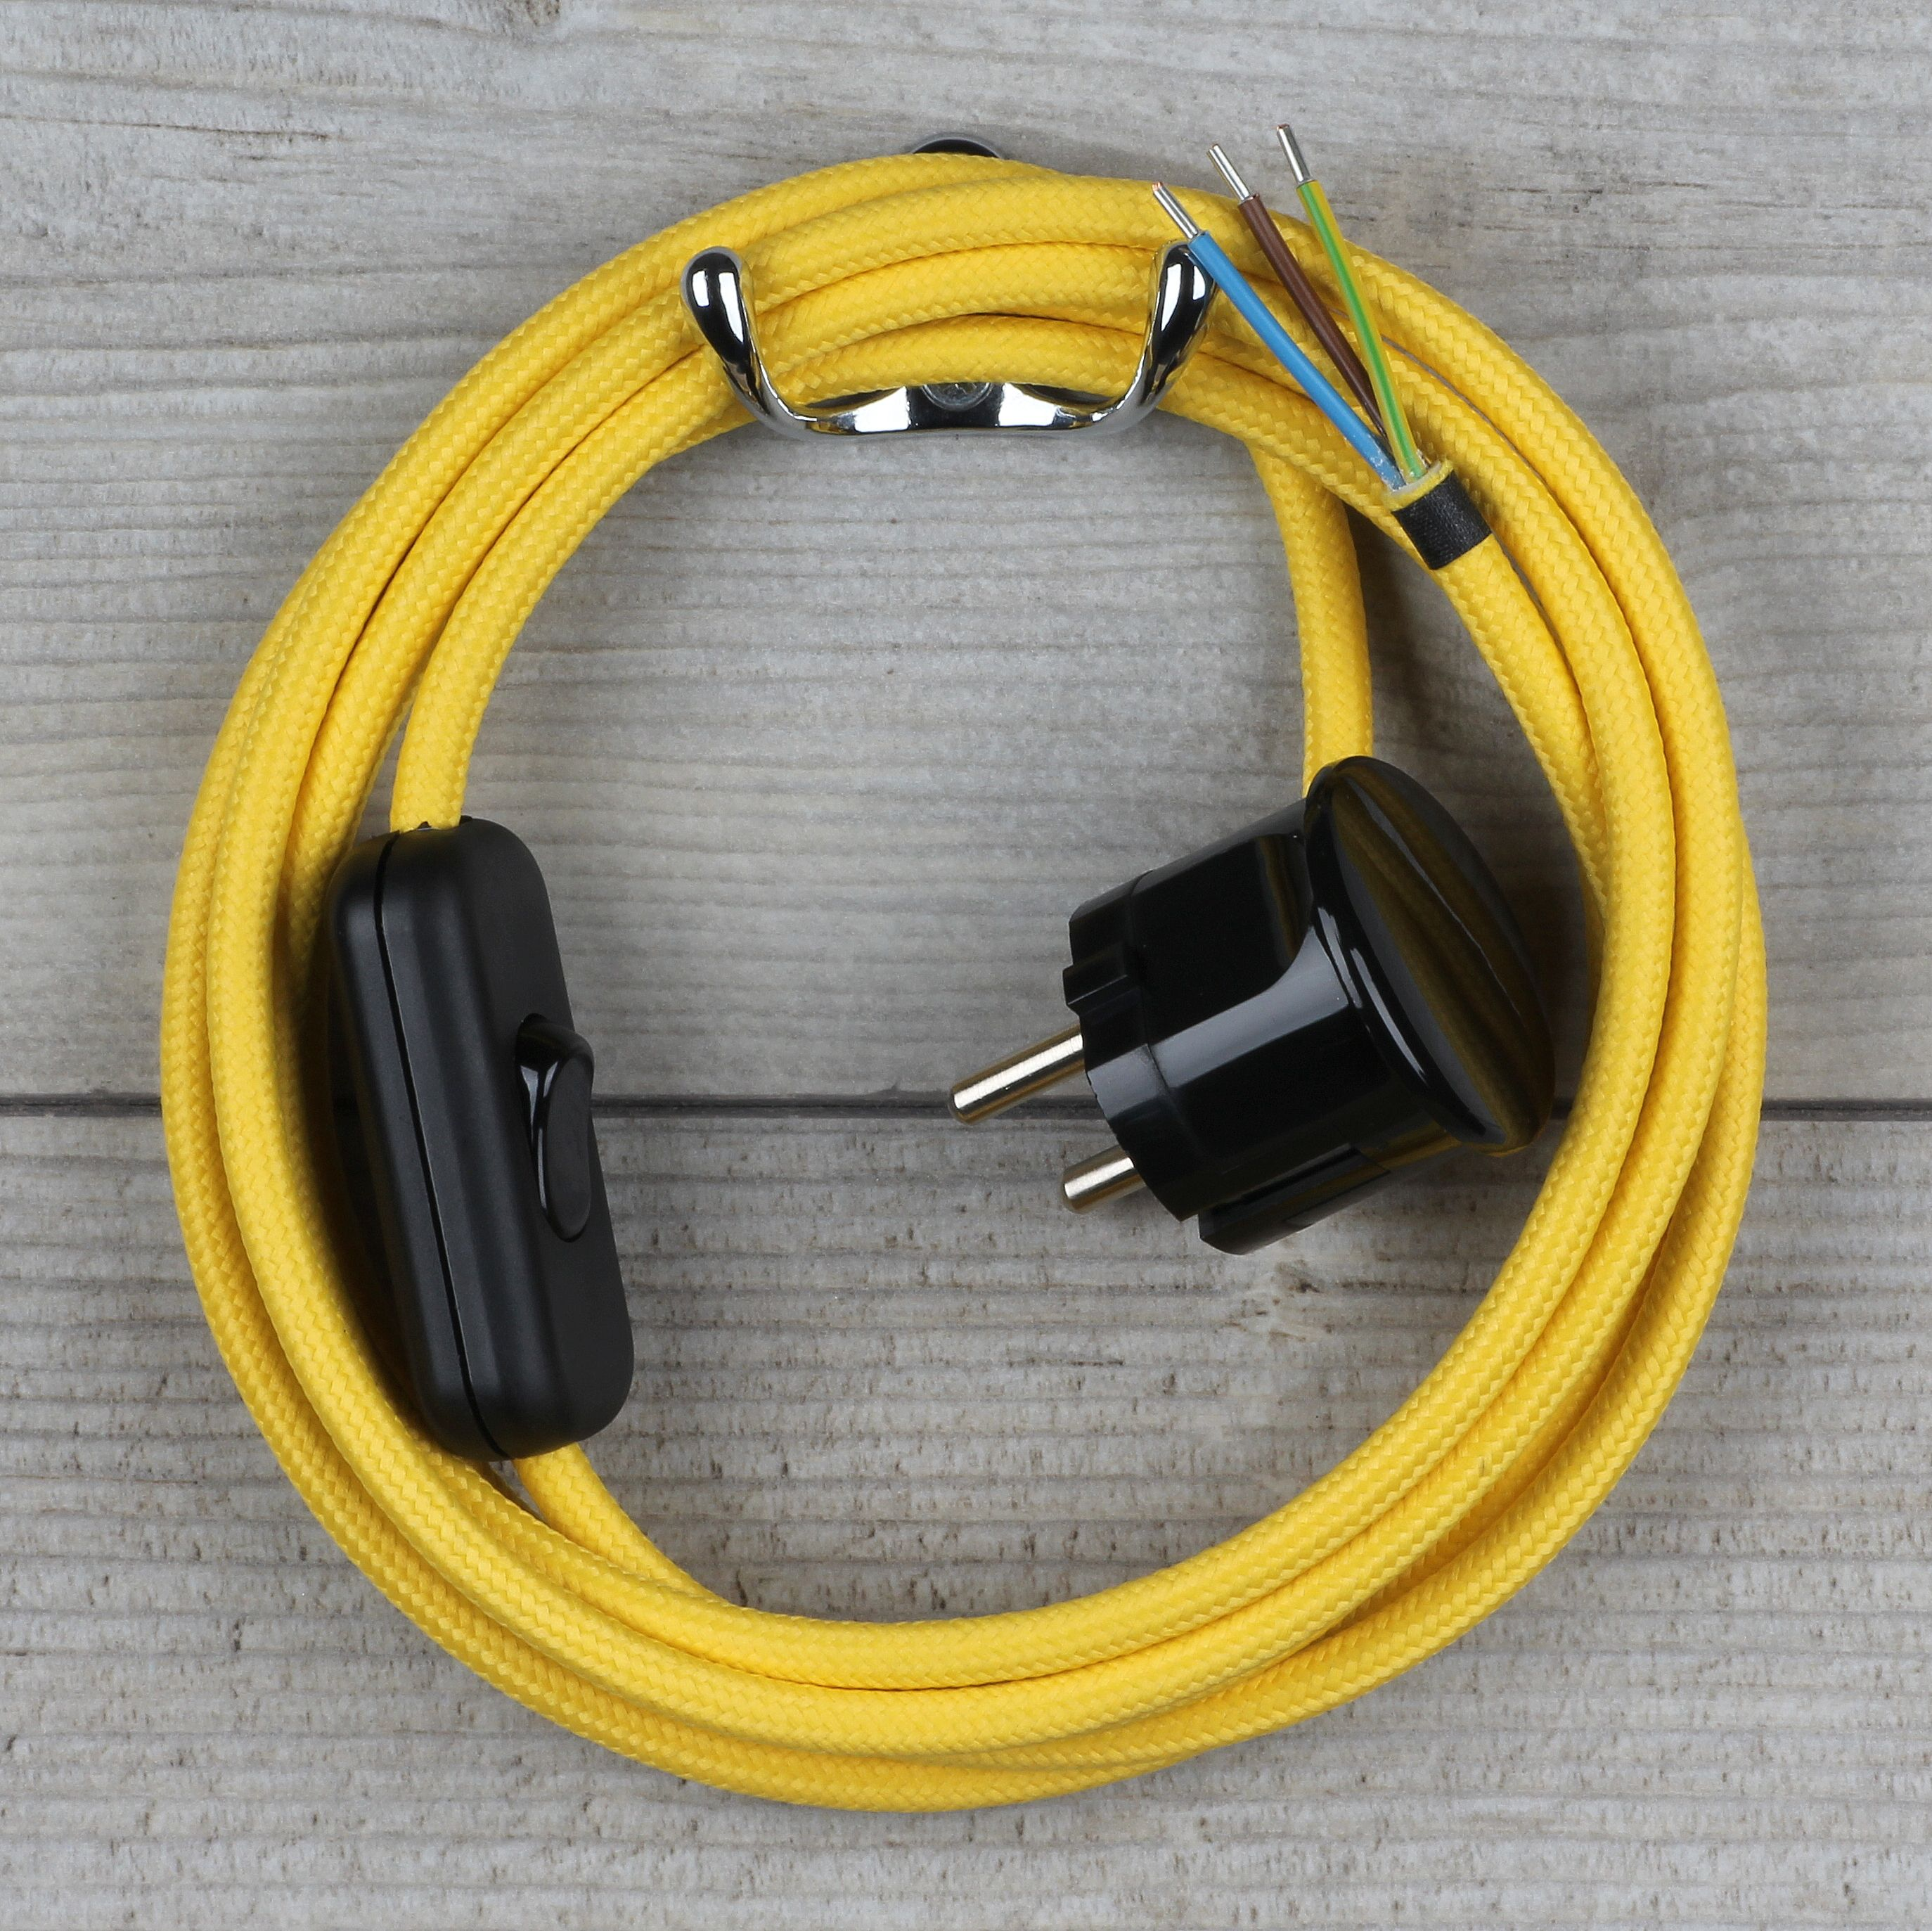 Textilkabel Anschlussleitung 2 5m Gelb Schalter U Schutzkontakt Winkelstecker Mit Bildern Textilkabel Stecker Kabel